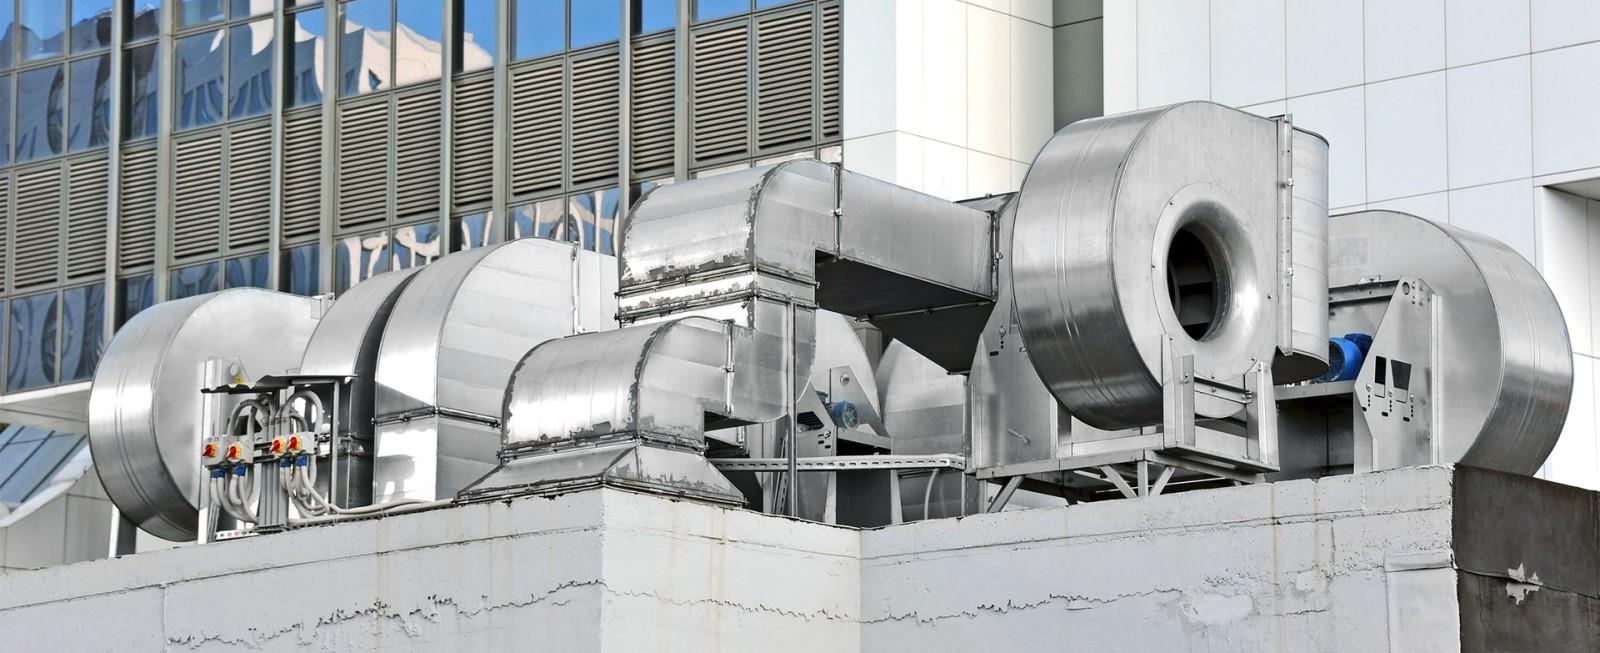 Havalandırma kanalları galvaniz, paslanmaz veya alüminyum levha ve yüksek mukavemetli sızdırmaz özellikli flanş ve köşe parçaları imal edilmiştir.